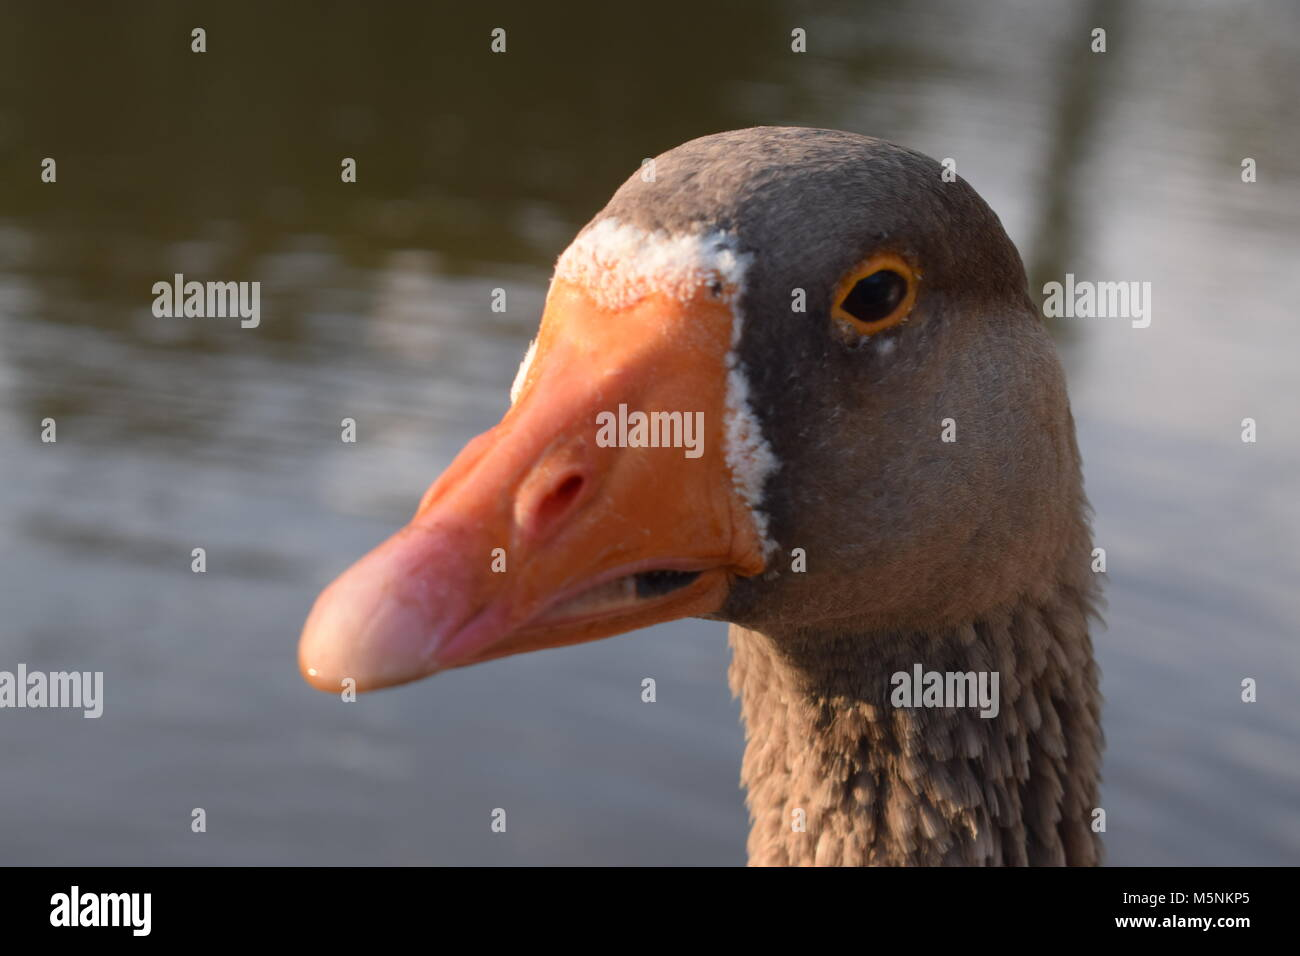 new concept d08a9 3a2d9 Becco D'anatra Immagini & Becco D'anatra Fotos Stock - Alamy